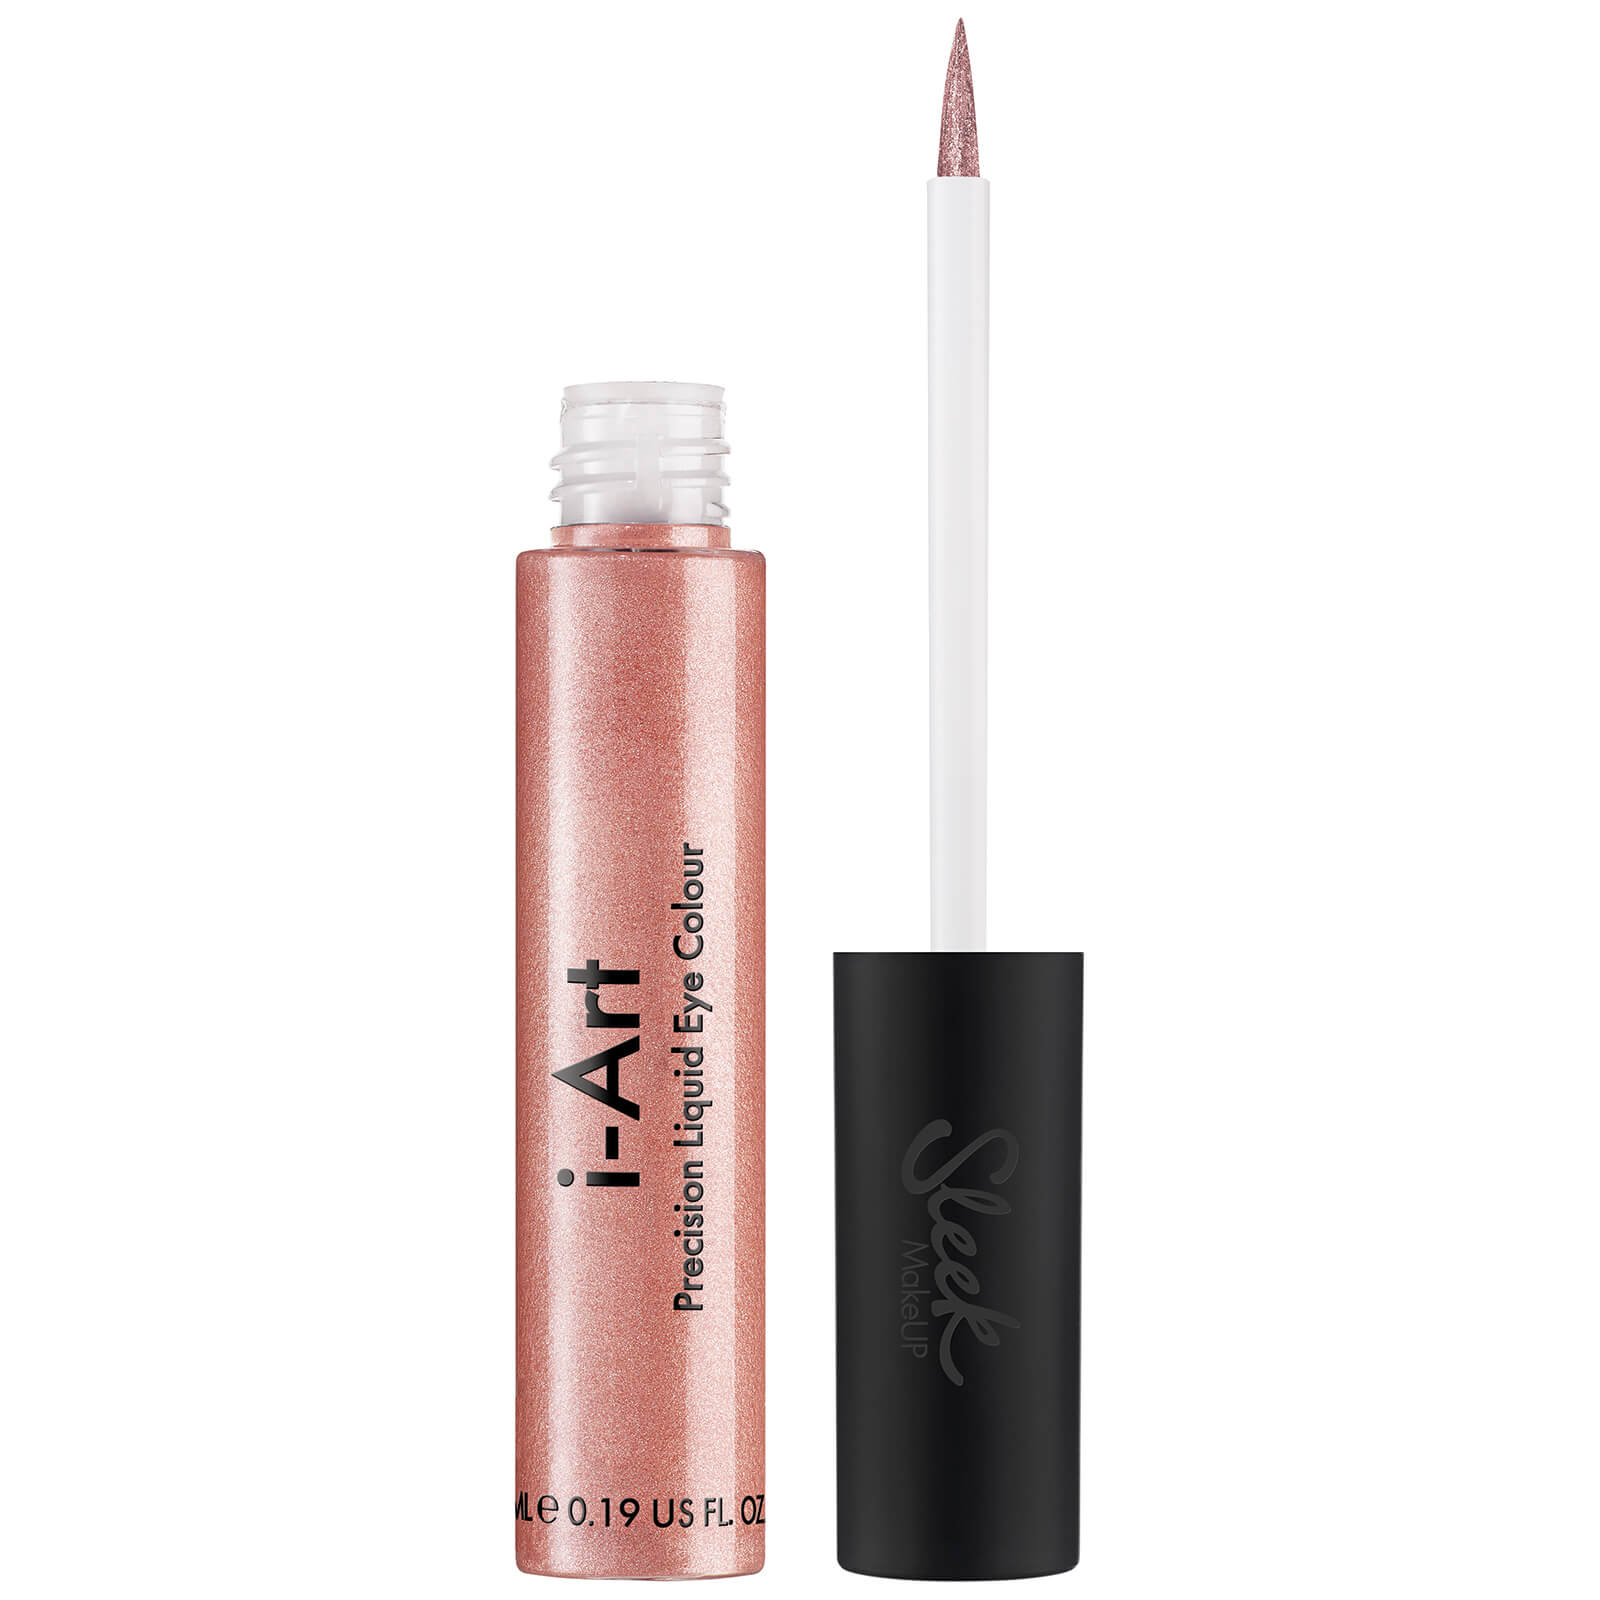 Sleek MakeUP I-Art Liquid Eyeshadow 6ml (Various Shades) - Minimalism